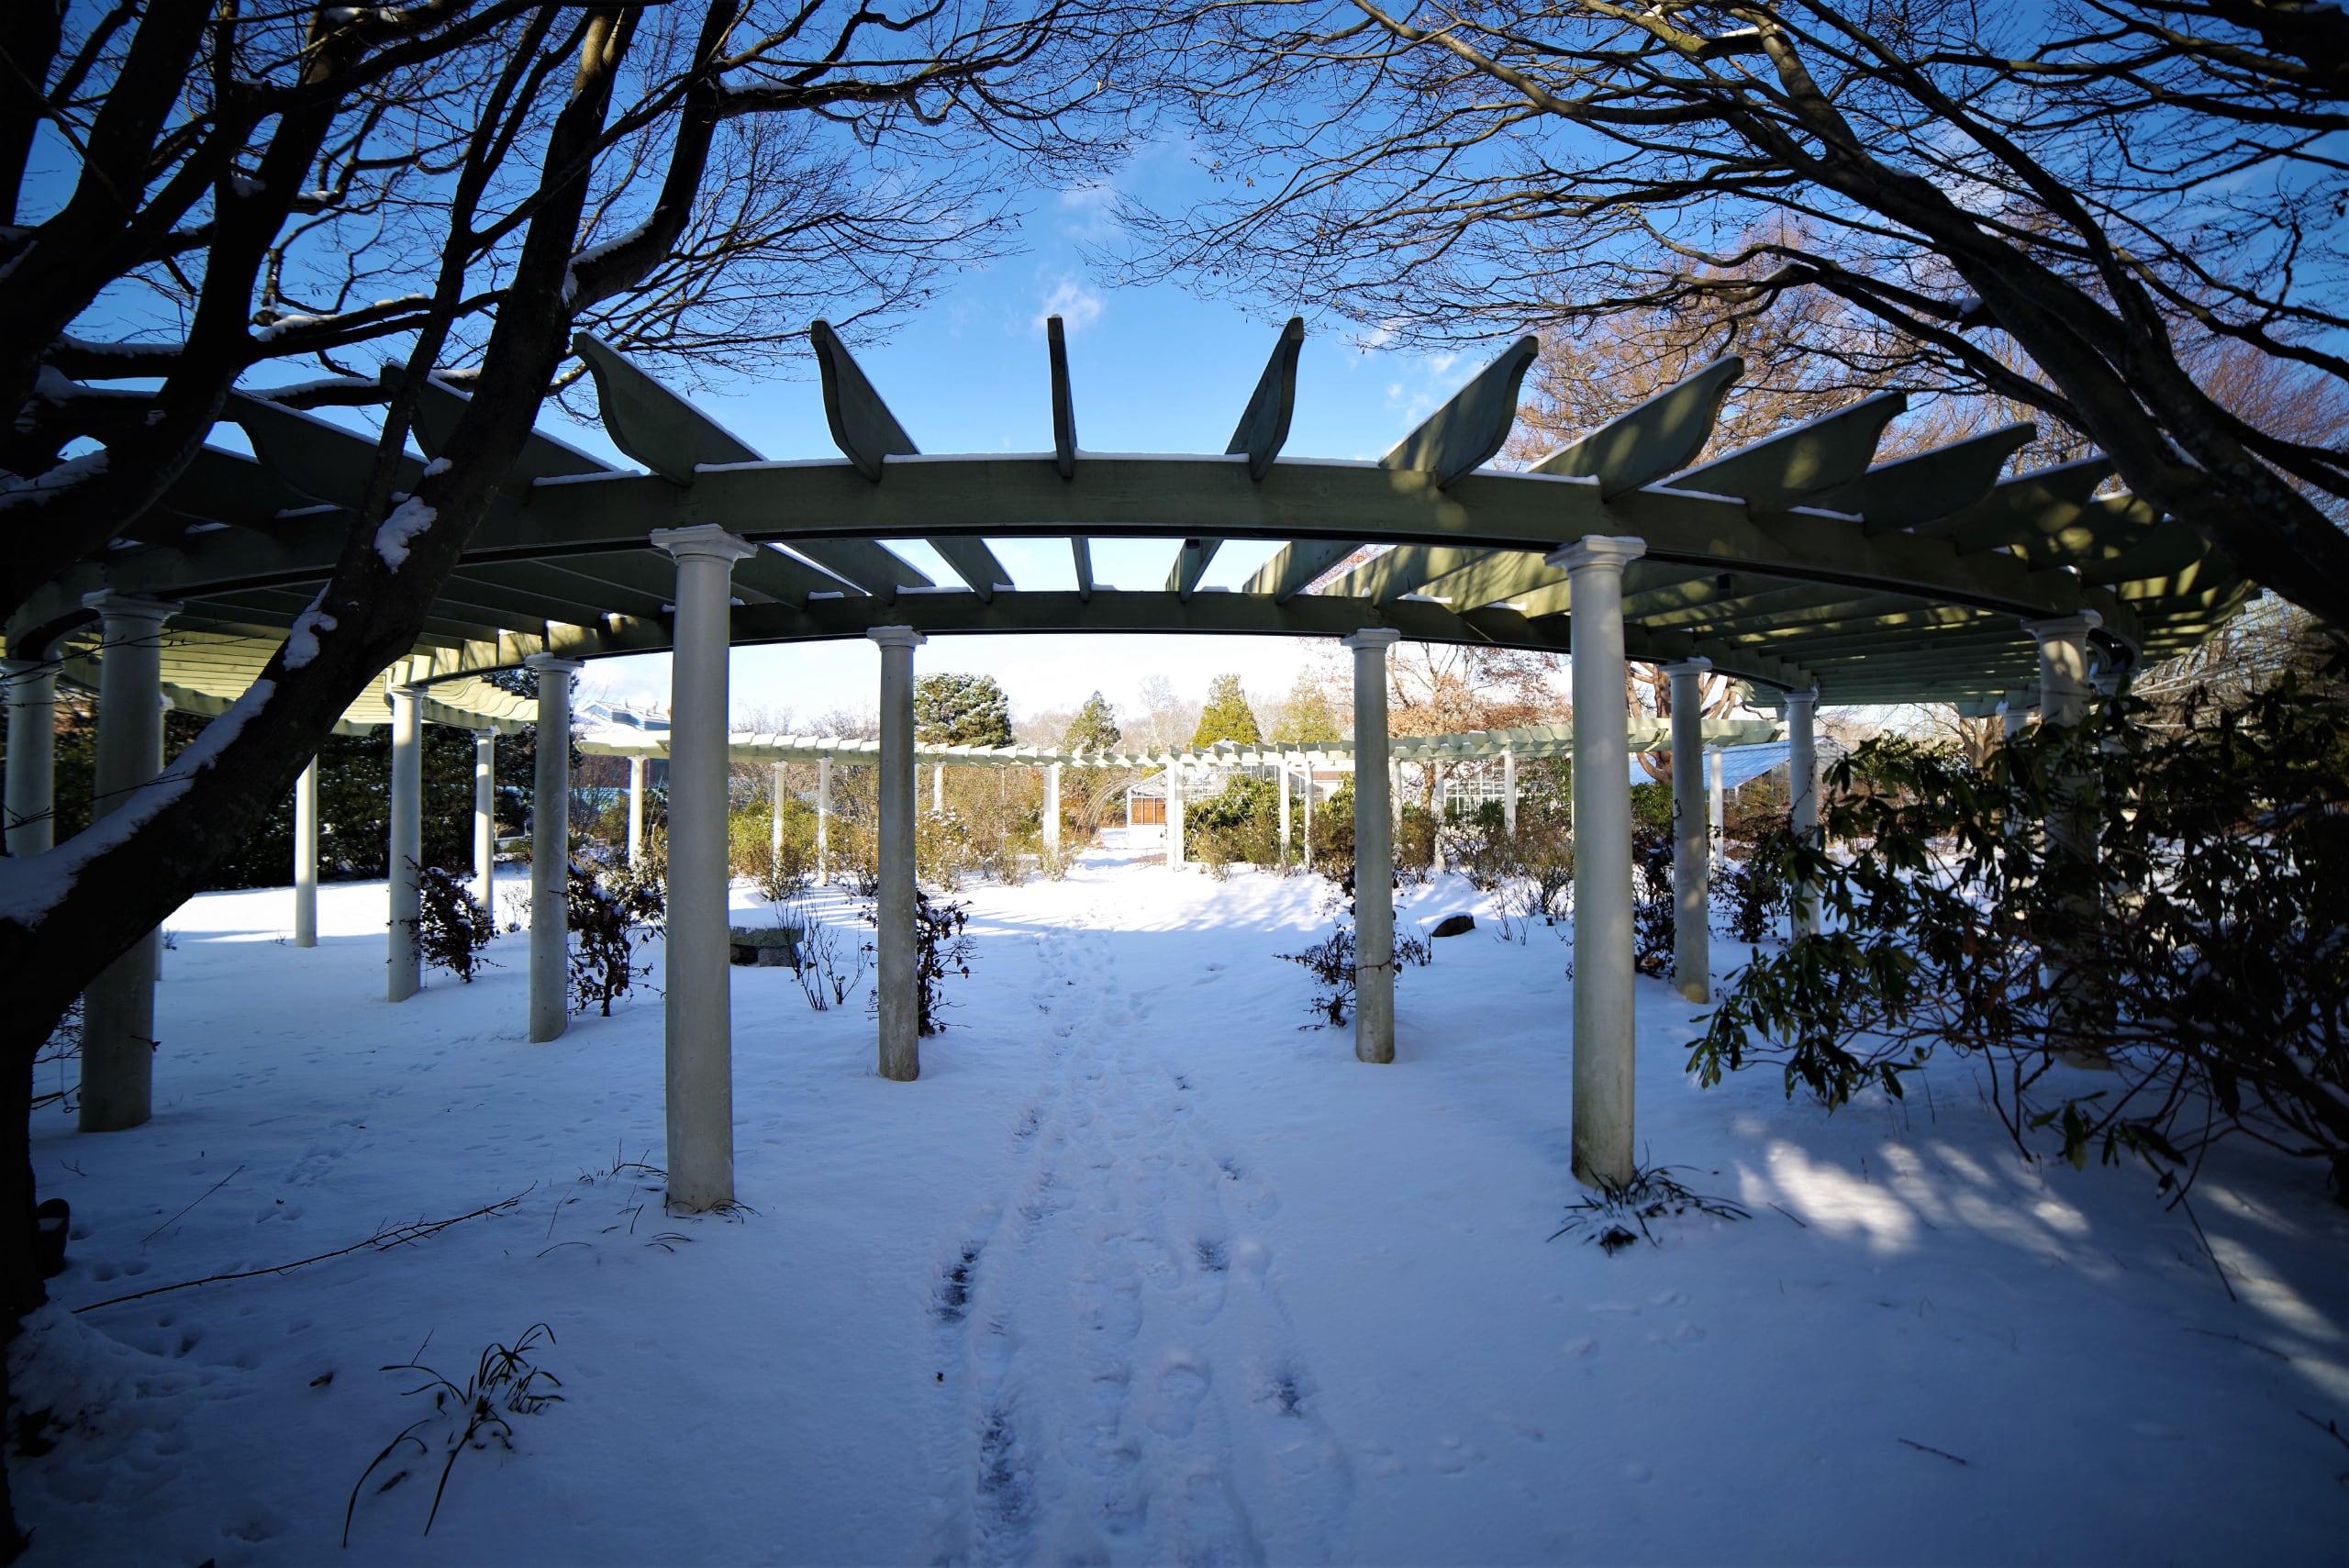 gardens under a blanket of snow